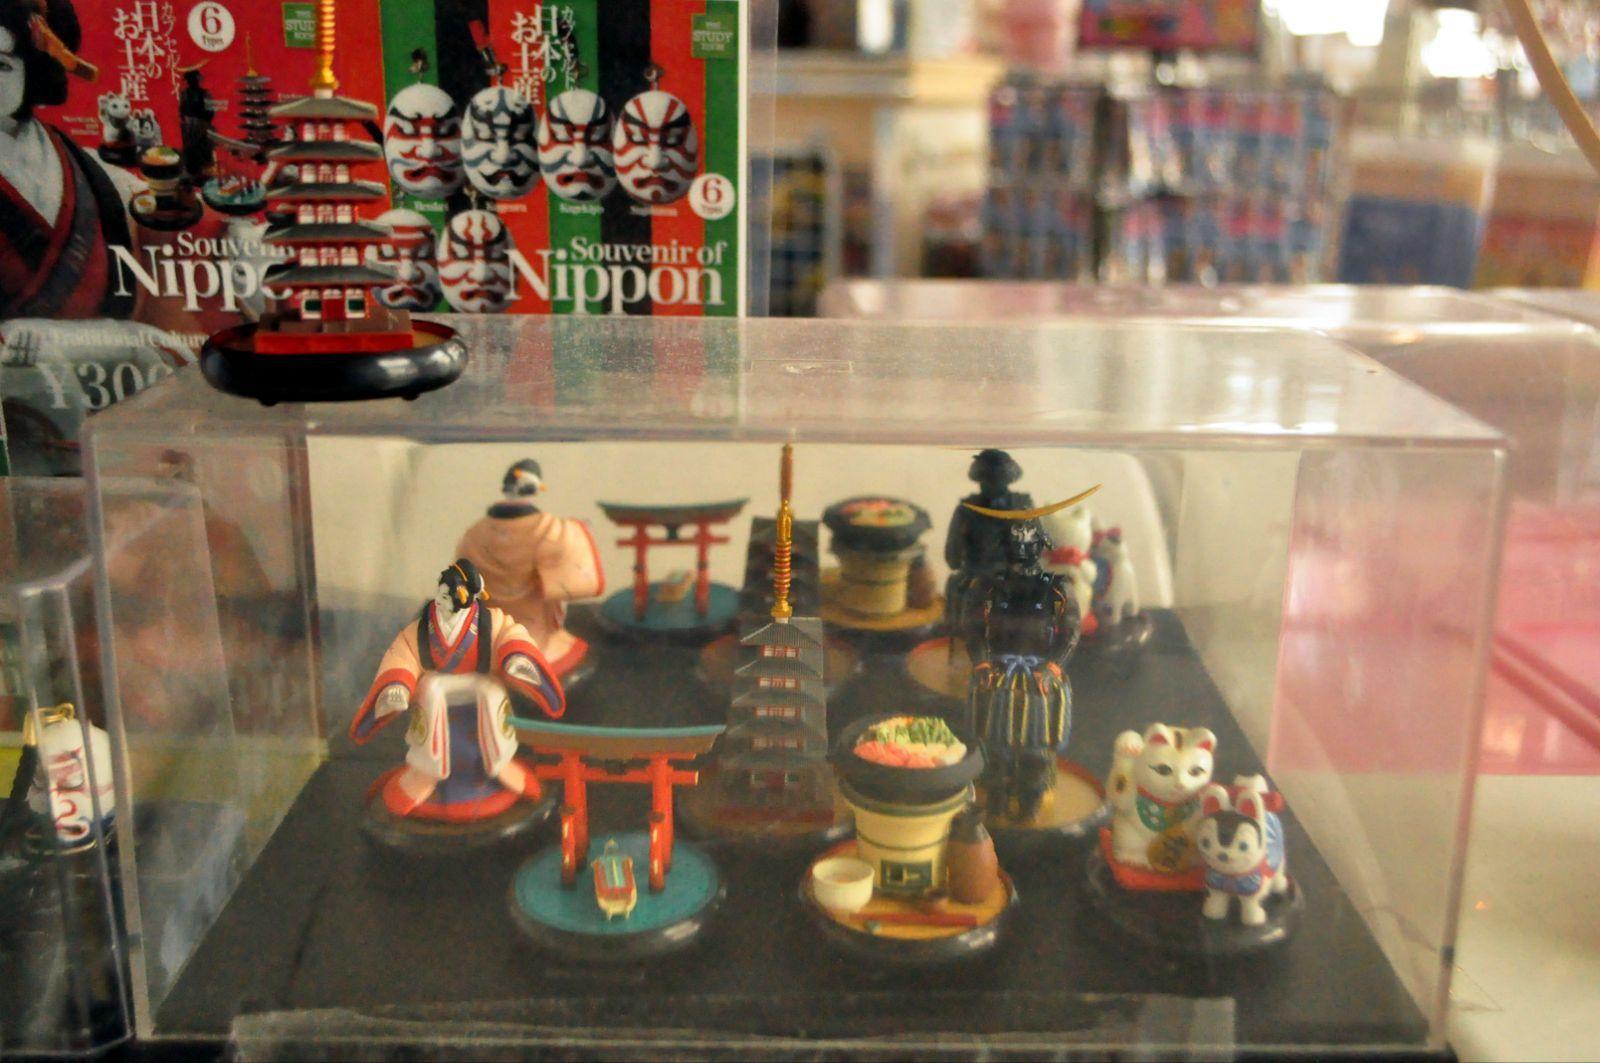 幸运地扭到了以奈良寺元兴寺五重塔为蓝本的模型